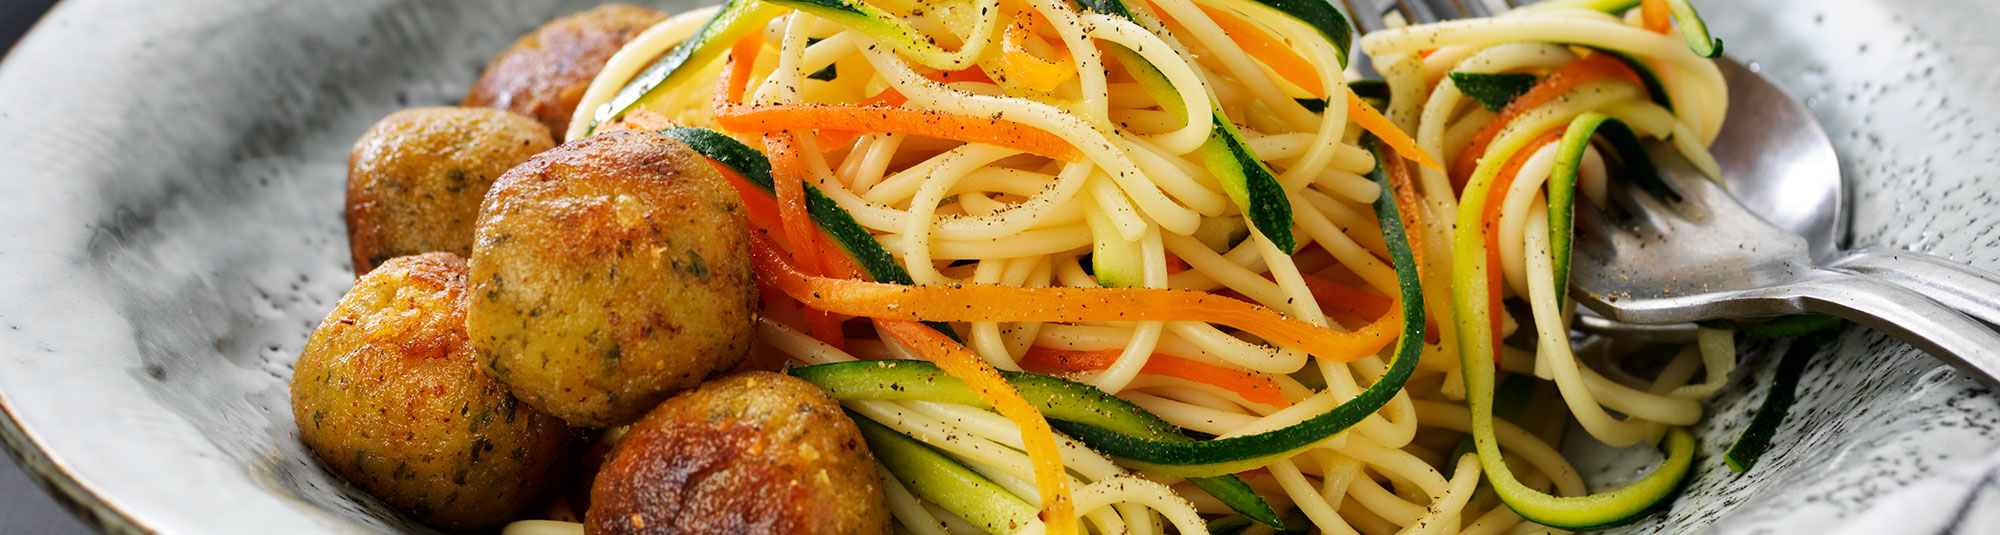 Falafel med zucchini och morotspasta